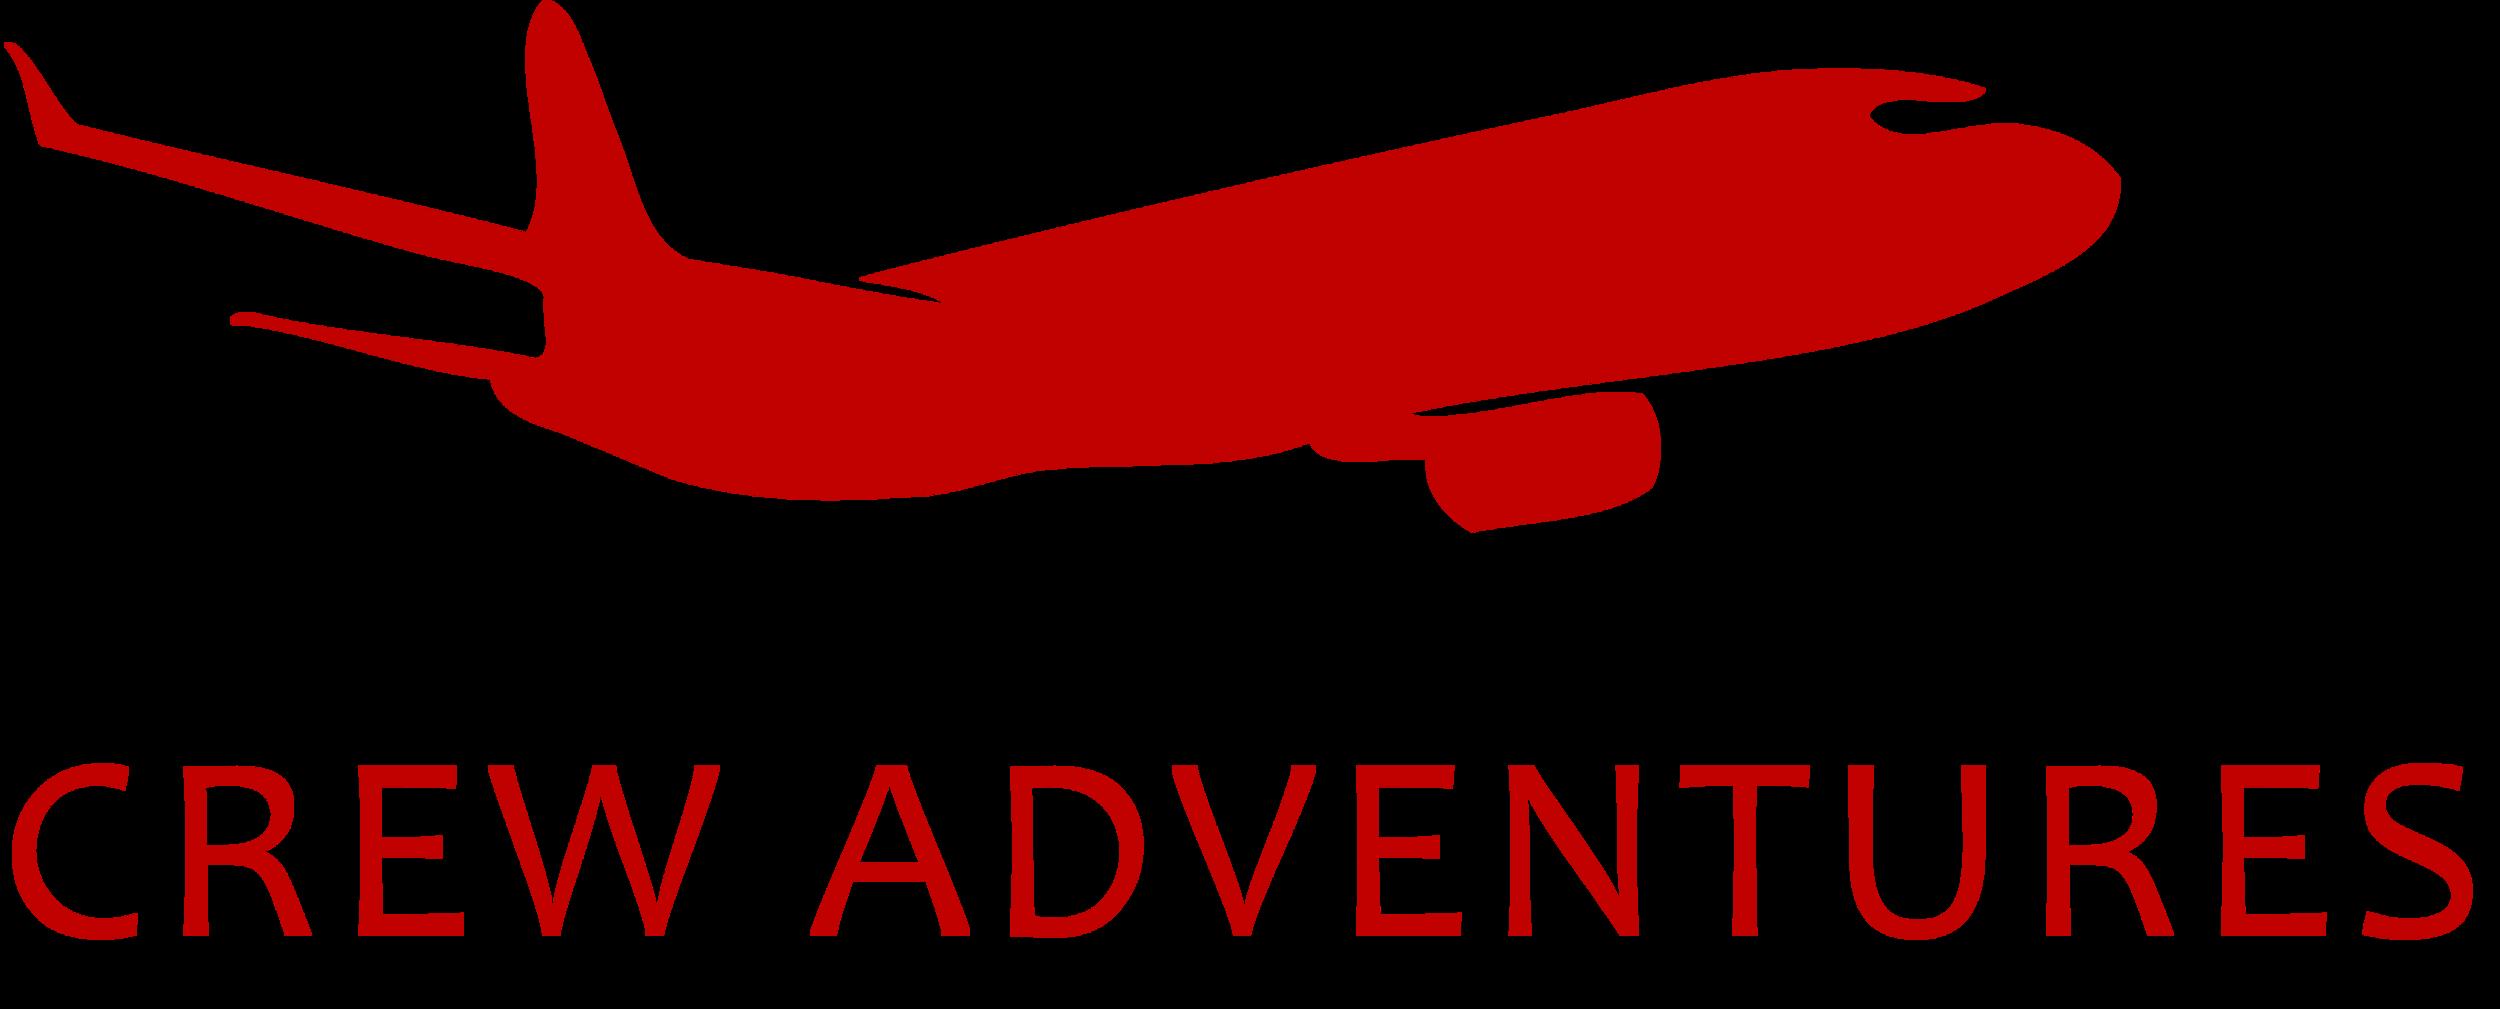 Crew Adventures Website -